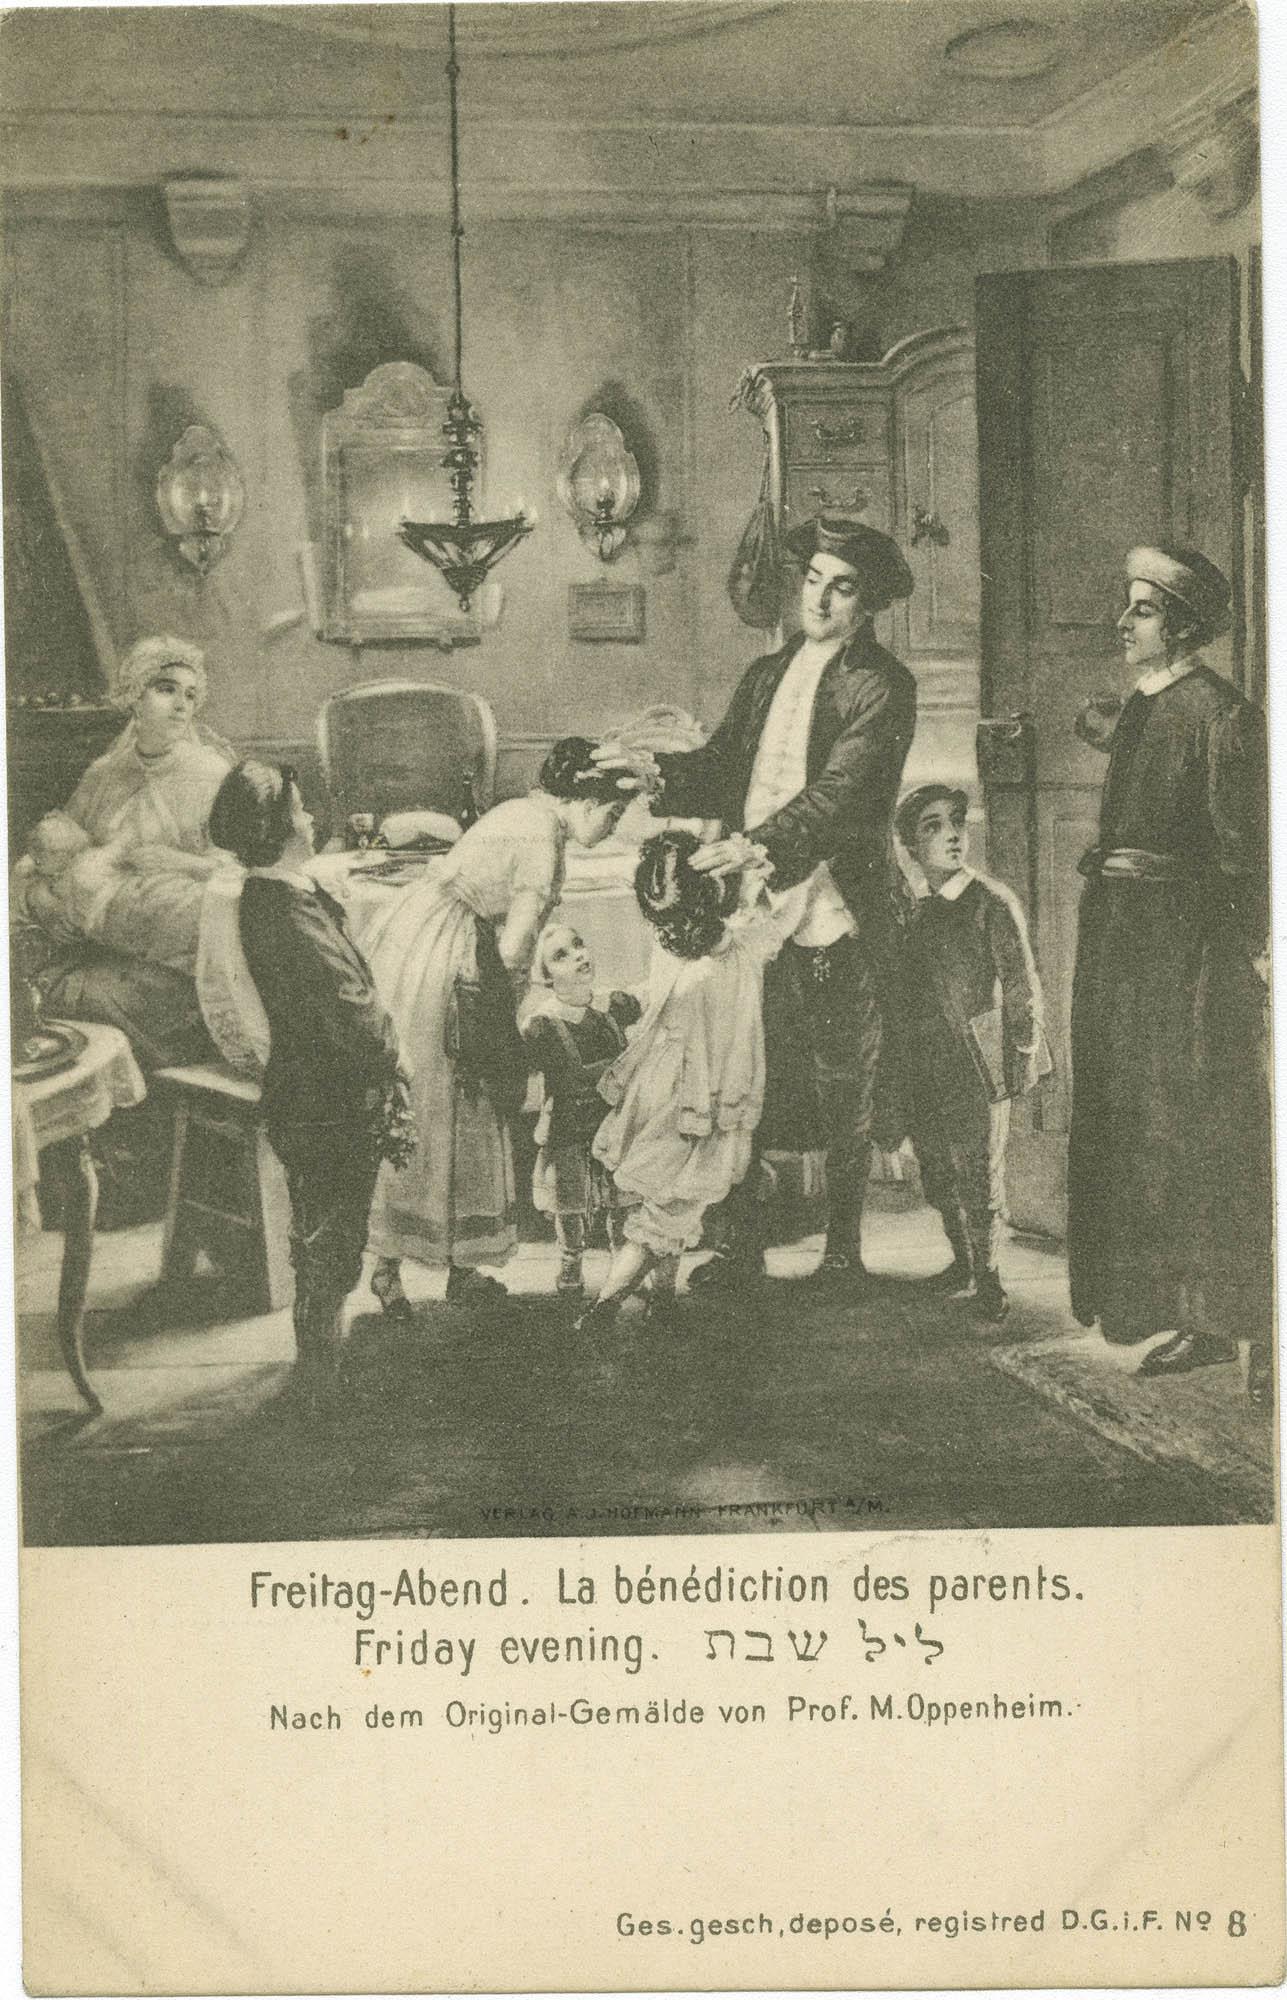 Frietag-Abend. / La bénédiction des parents. / Friday evening. / ליל שבת